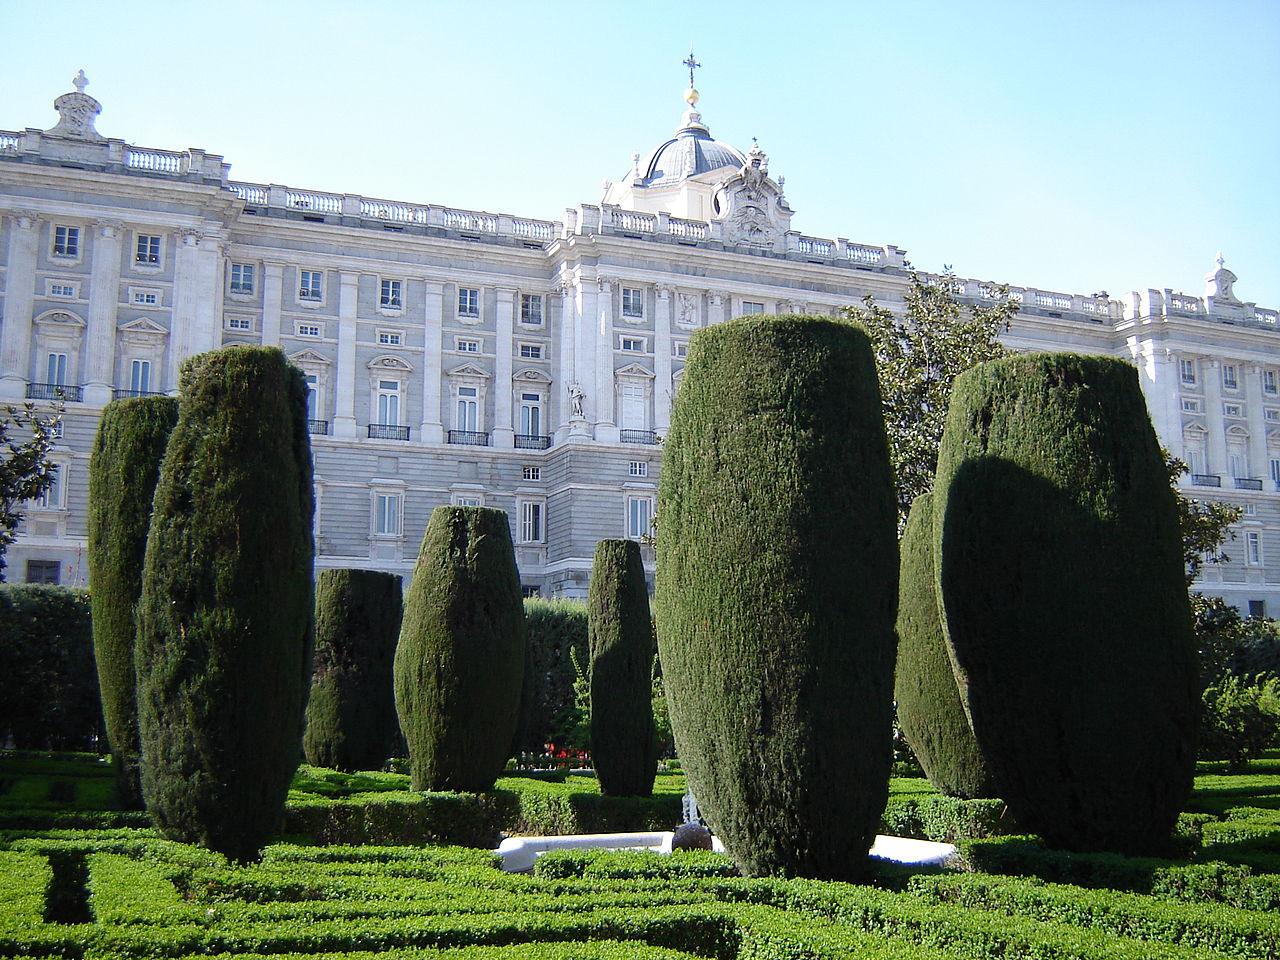 Королевский дворец в Мадриде, сад Jardines de Sabatini